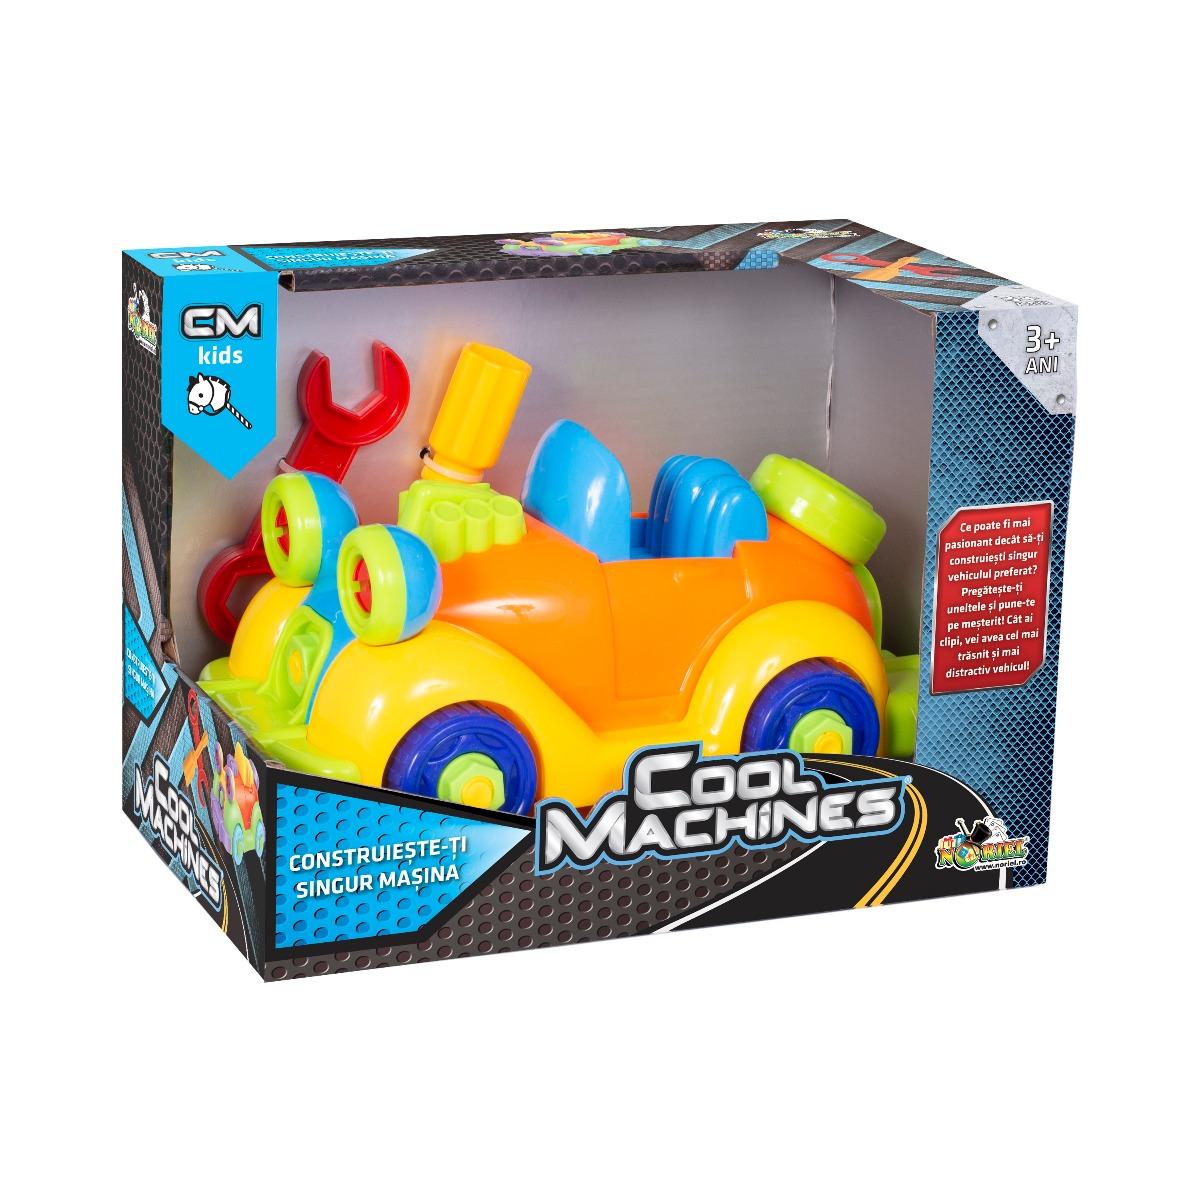 Construieste-ti singur masina - Cool Machines